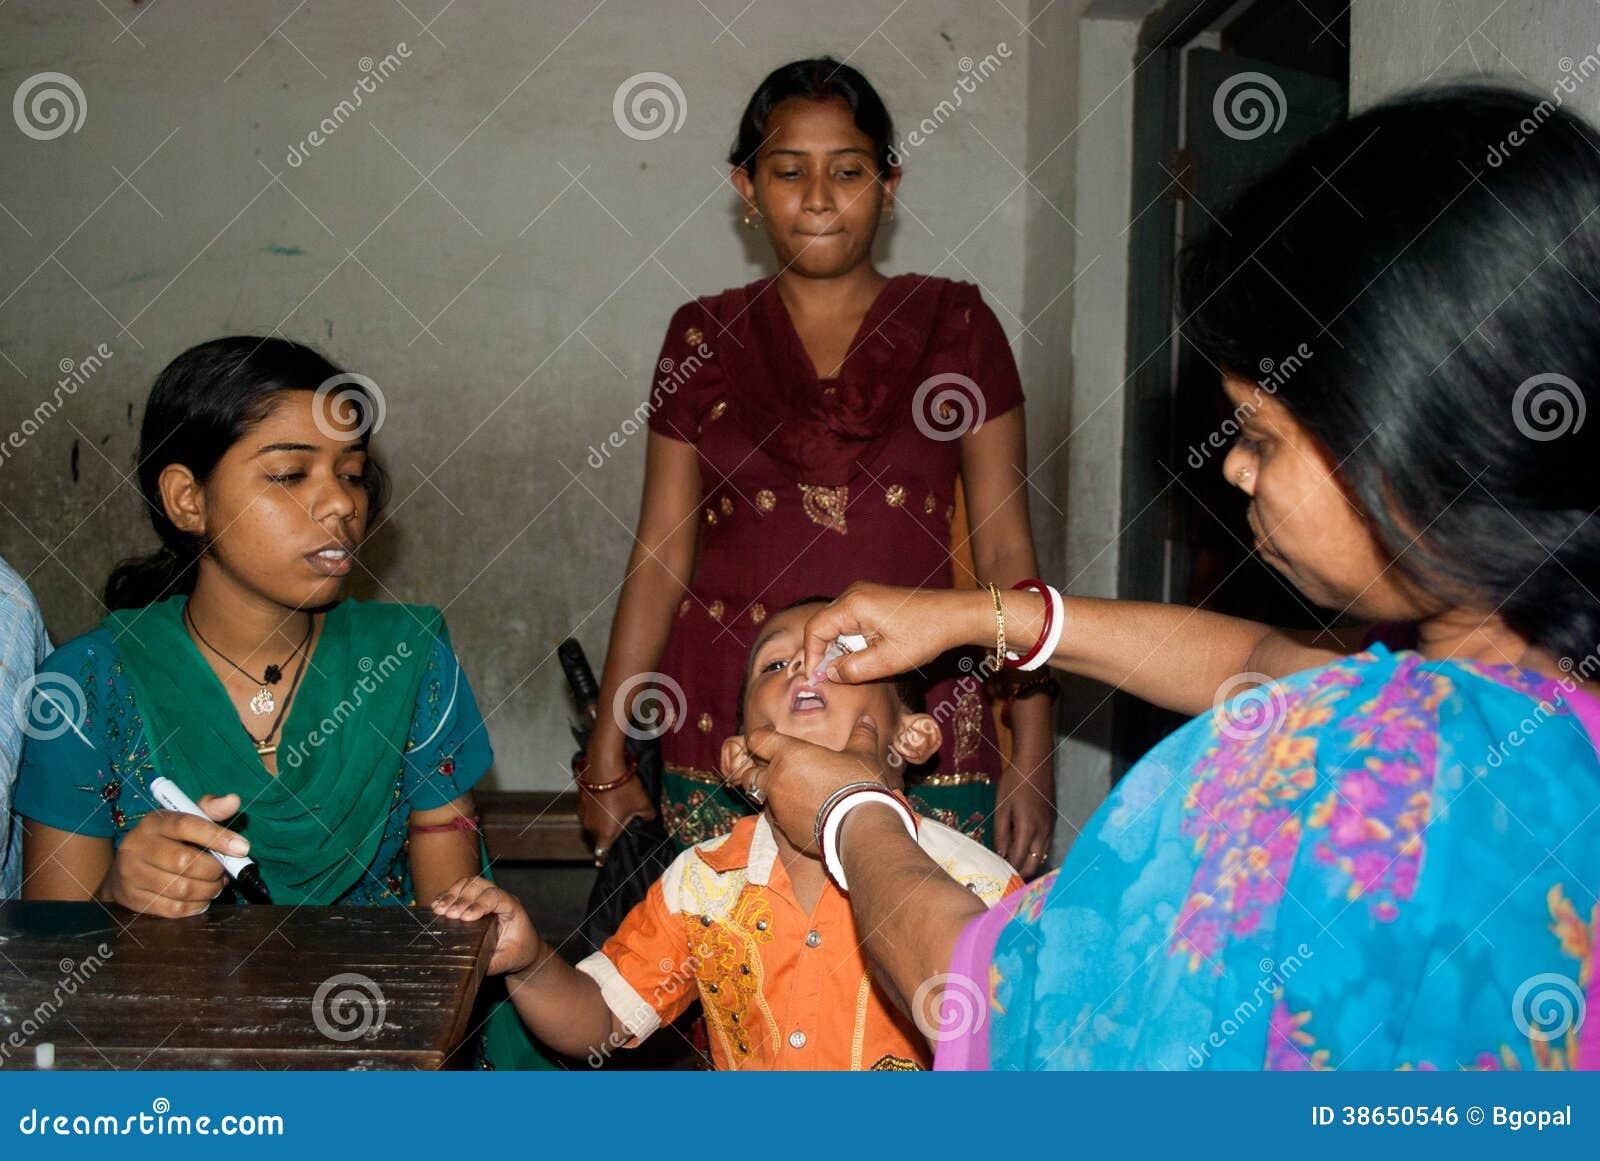 Låt oss utrota barnförlamning